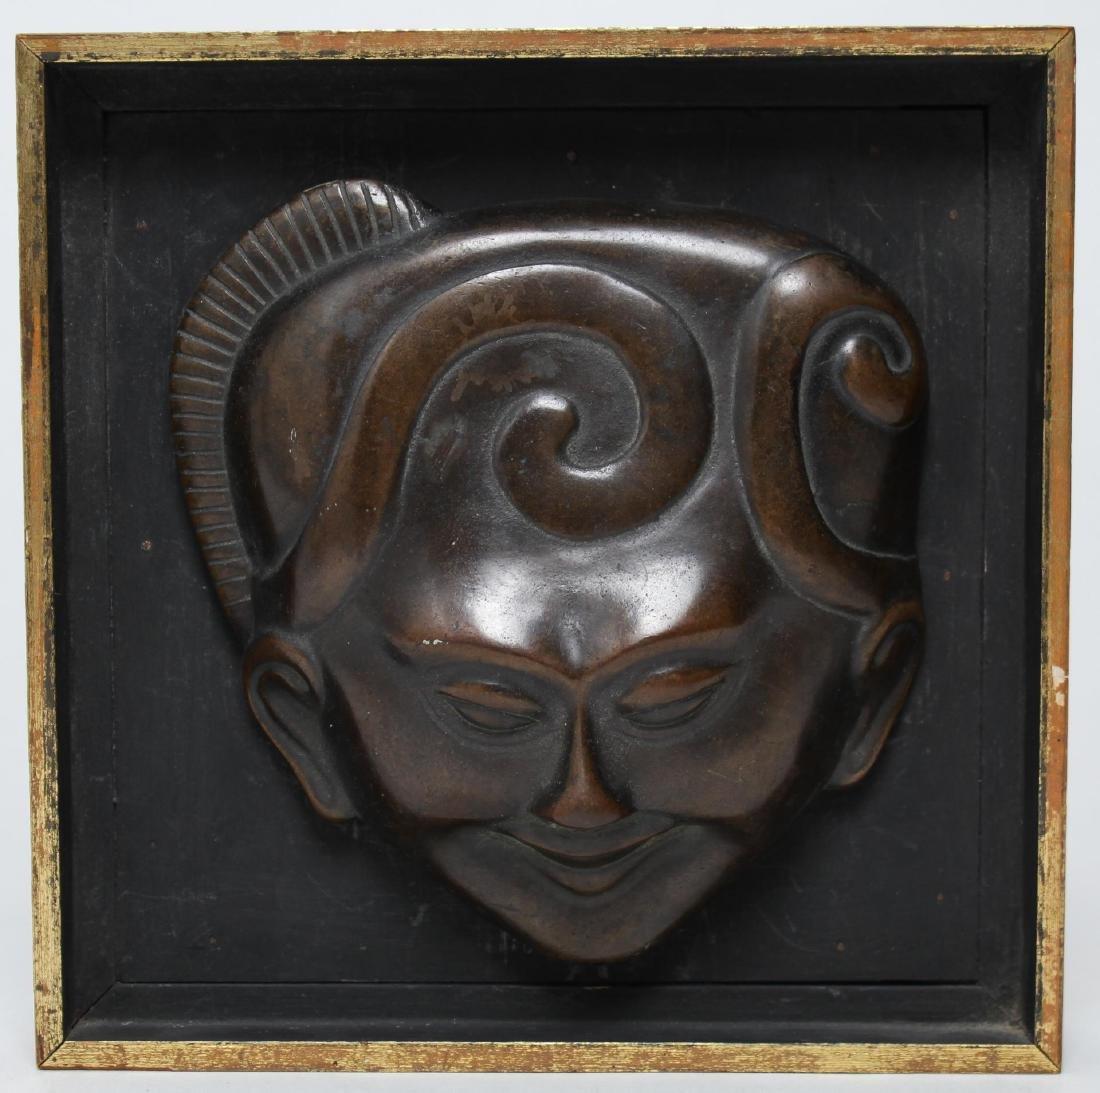 A. E. Bruzzone Y Co., Mayan Style Bronze Sculpture